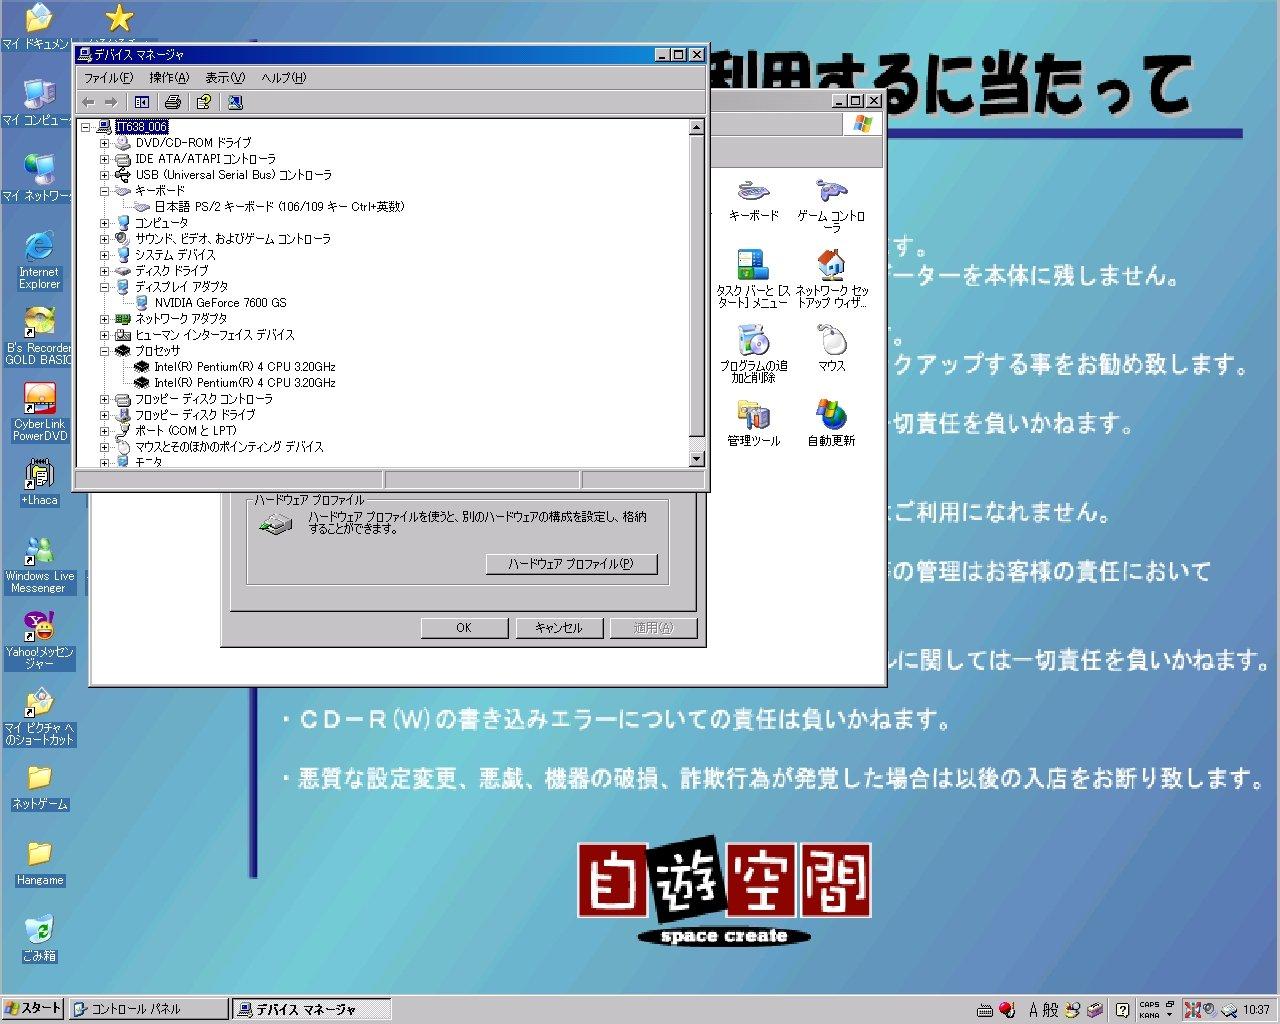 20080723-2-001.jpg